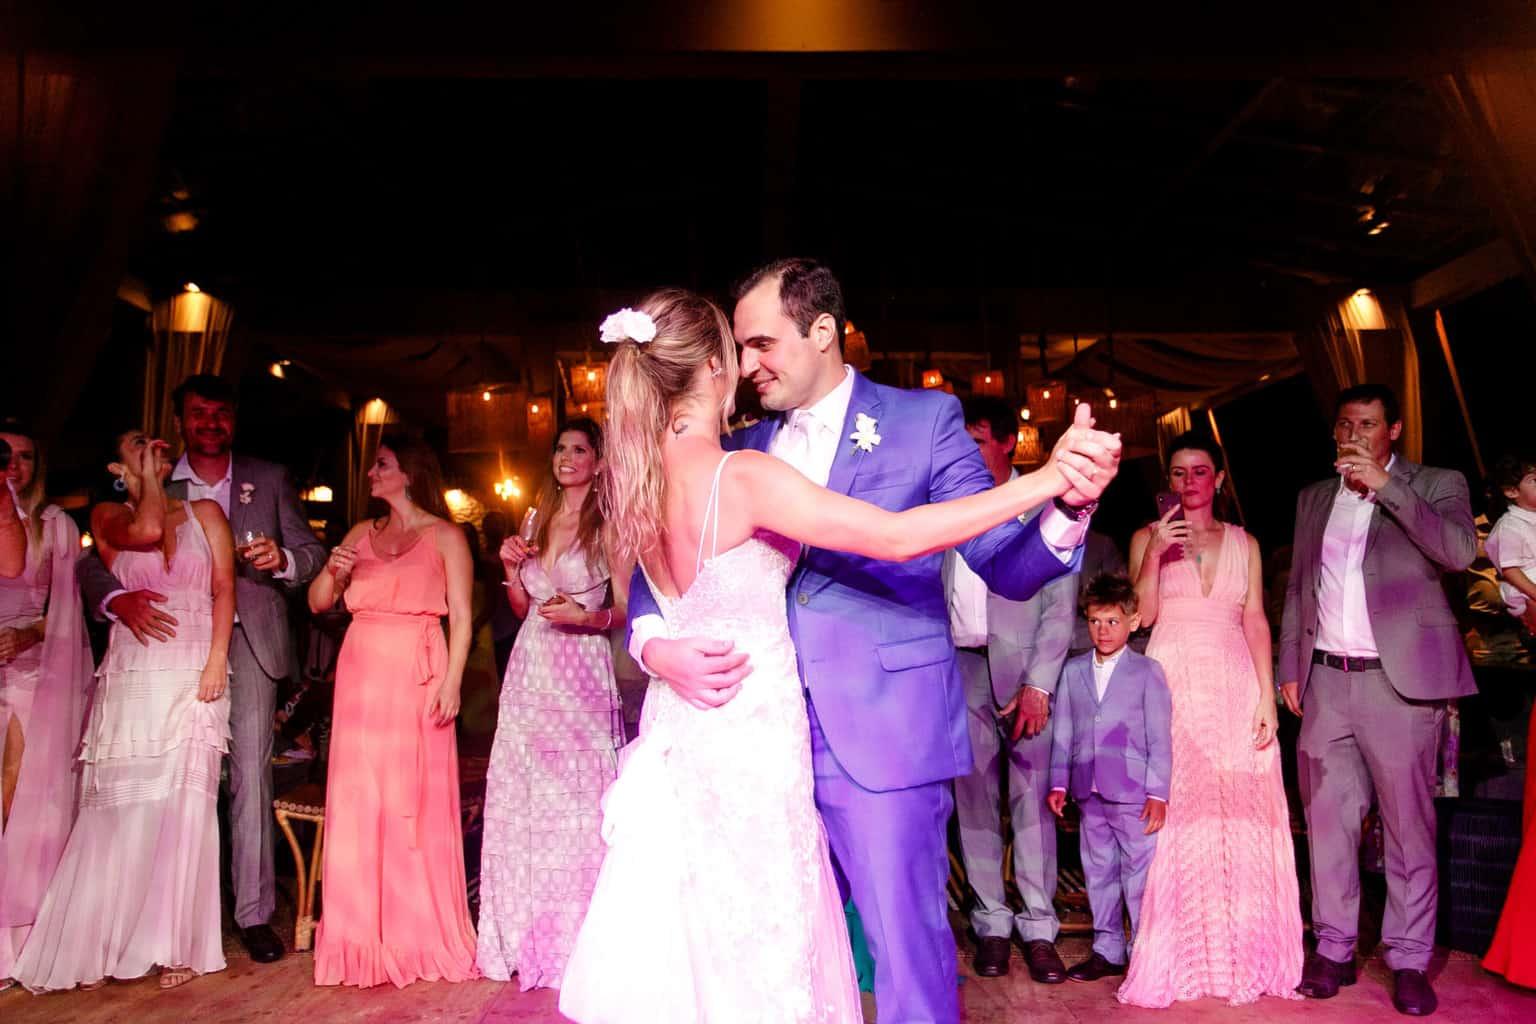 AL-Aline-e-Mauricio-capela-dos-milagres-casamento-casamento-na-praia-festa-de-casamento116